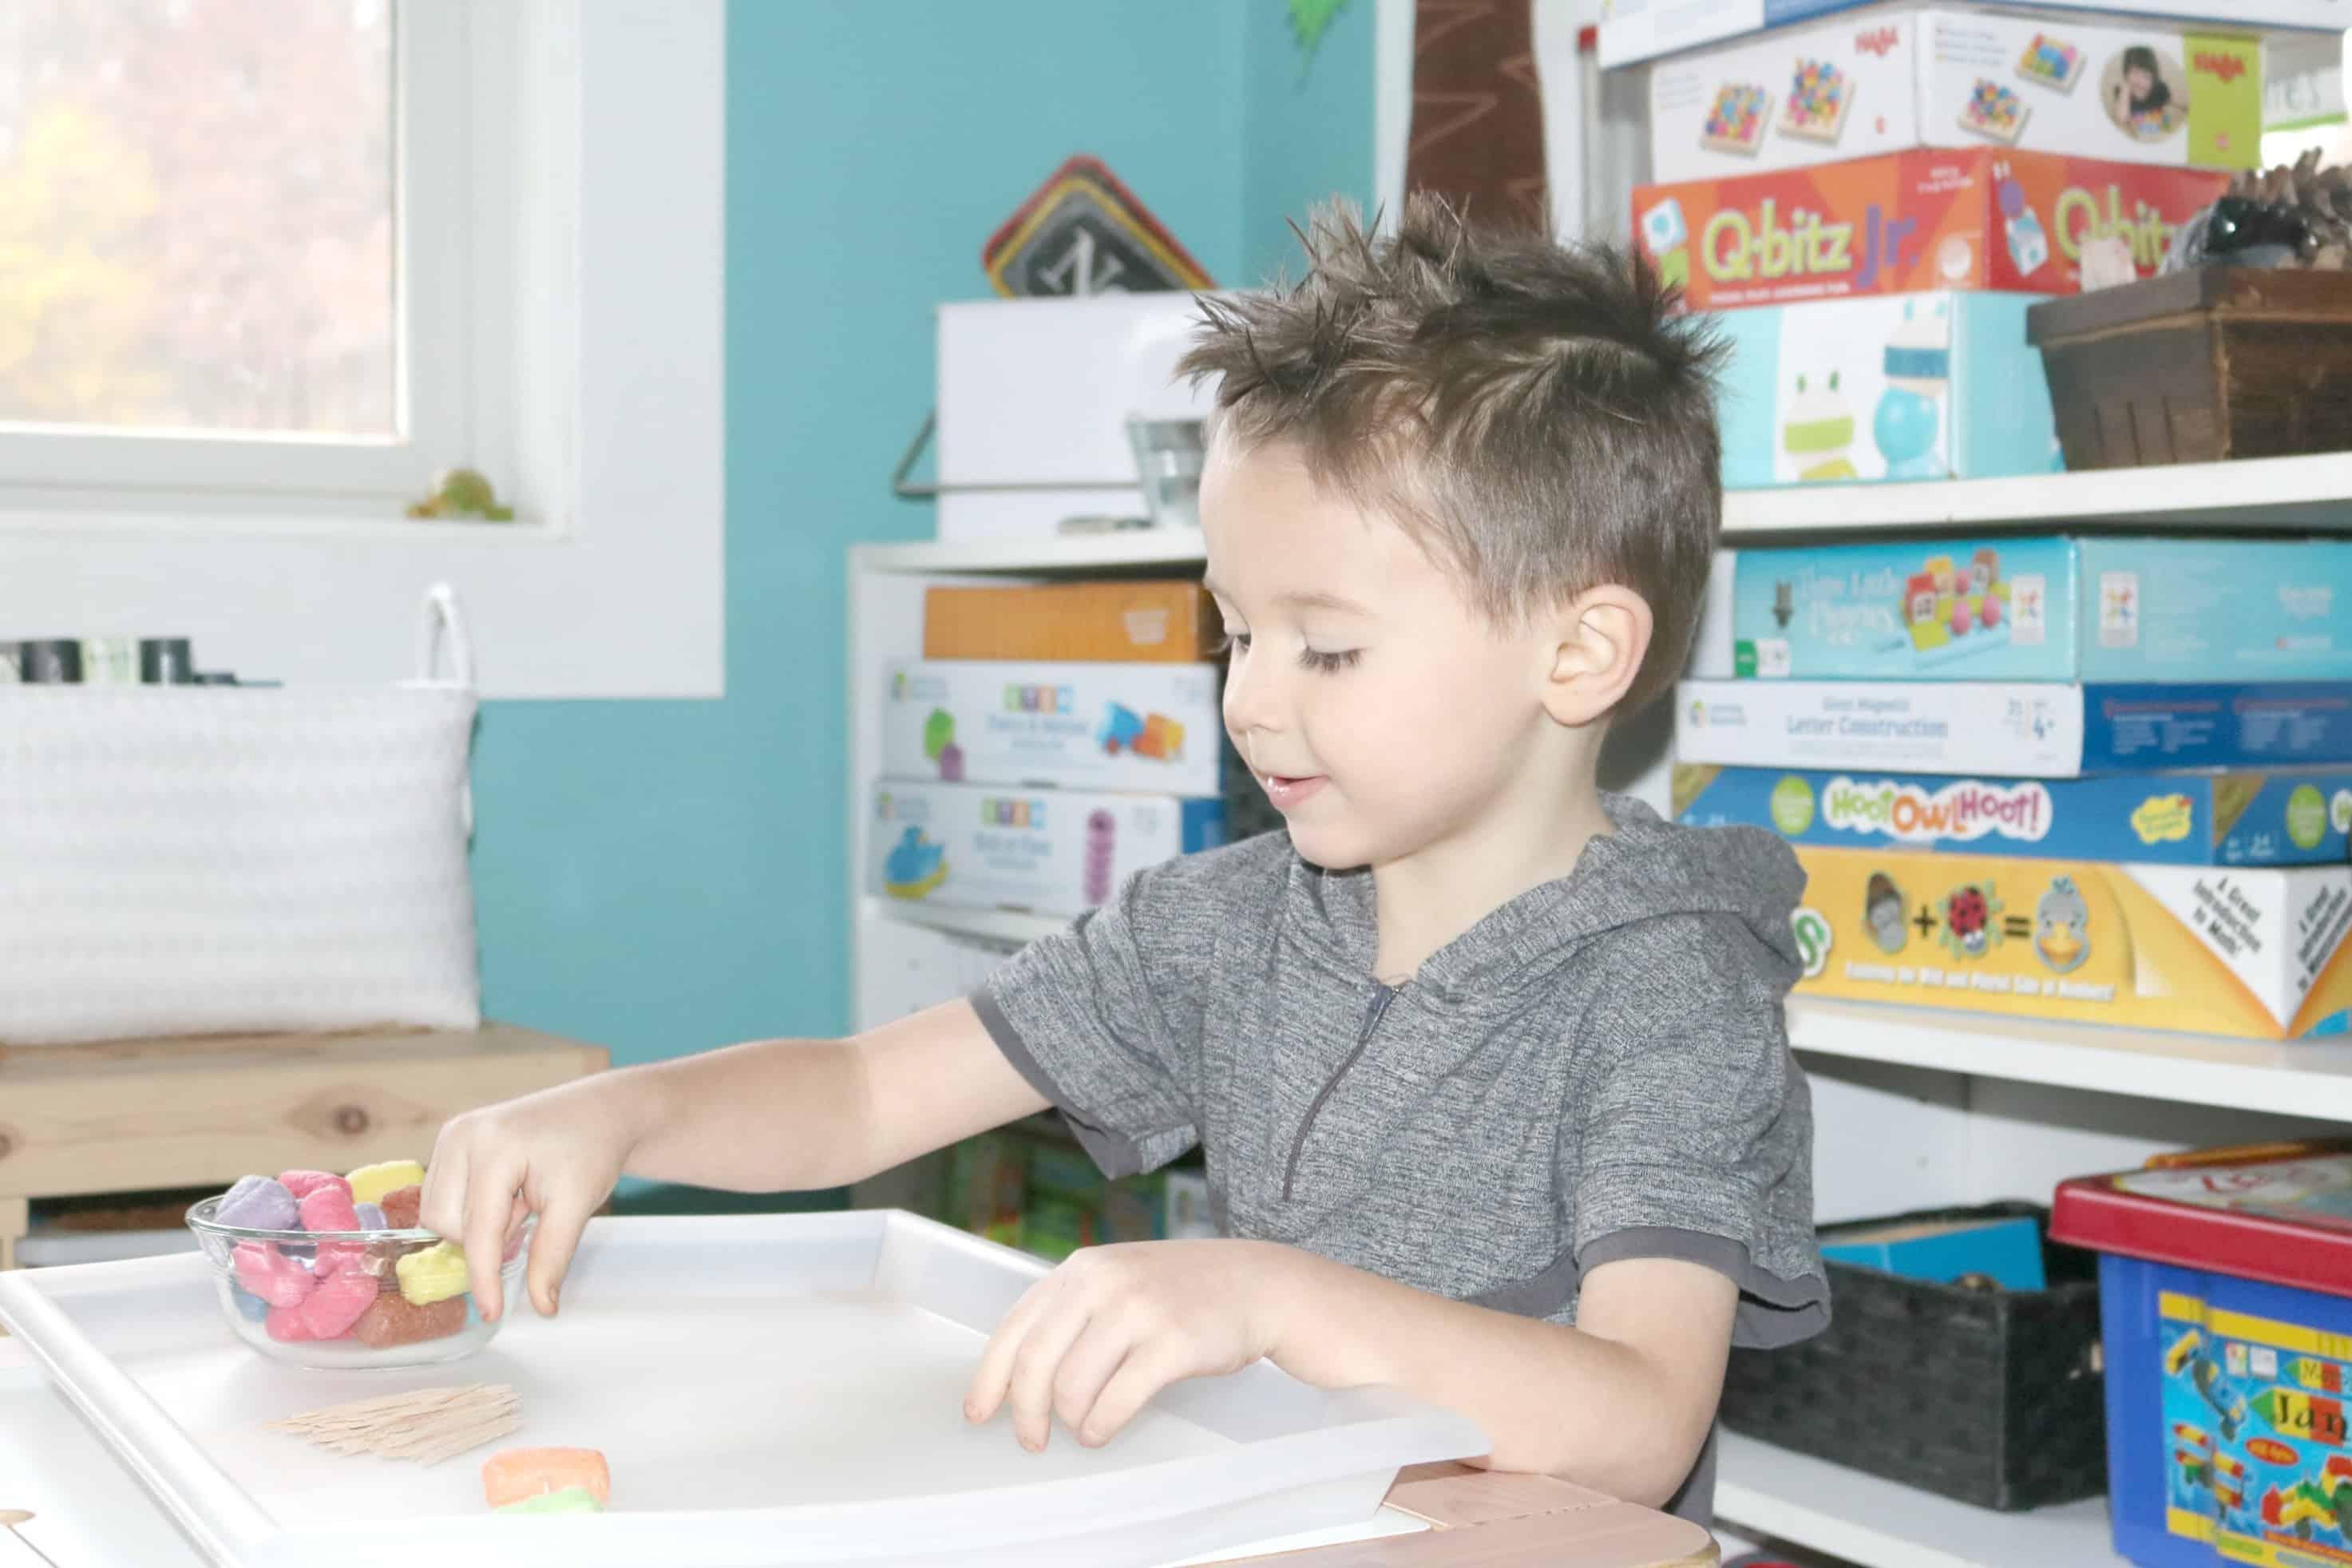 Making Bridges Investigation Station for Preschoolers